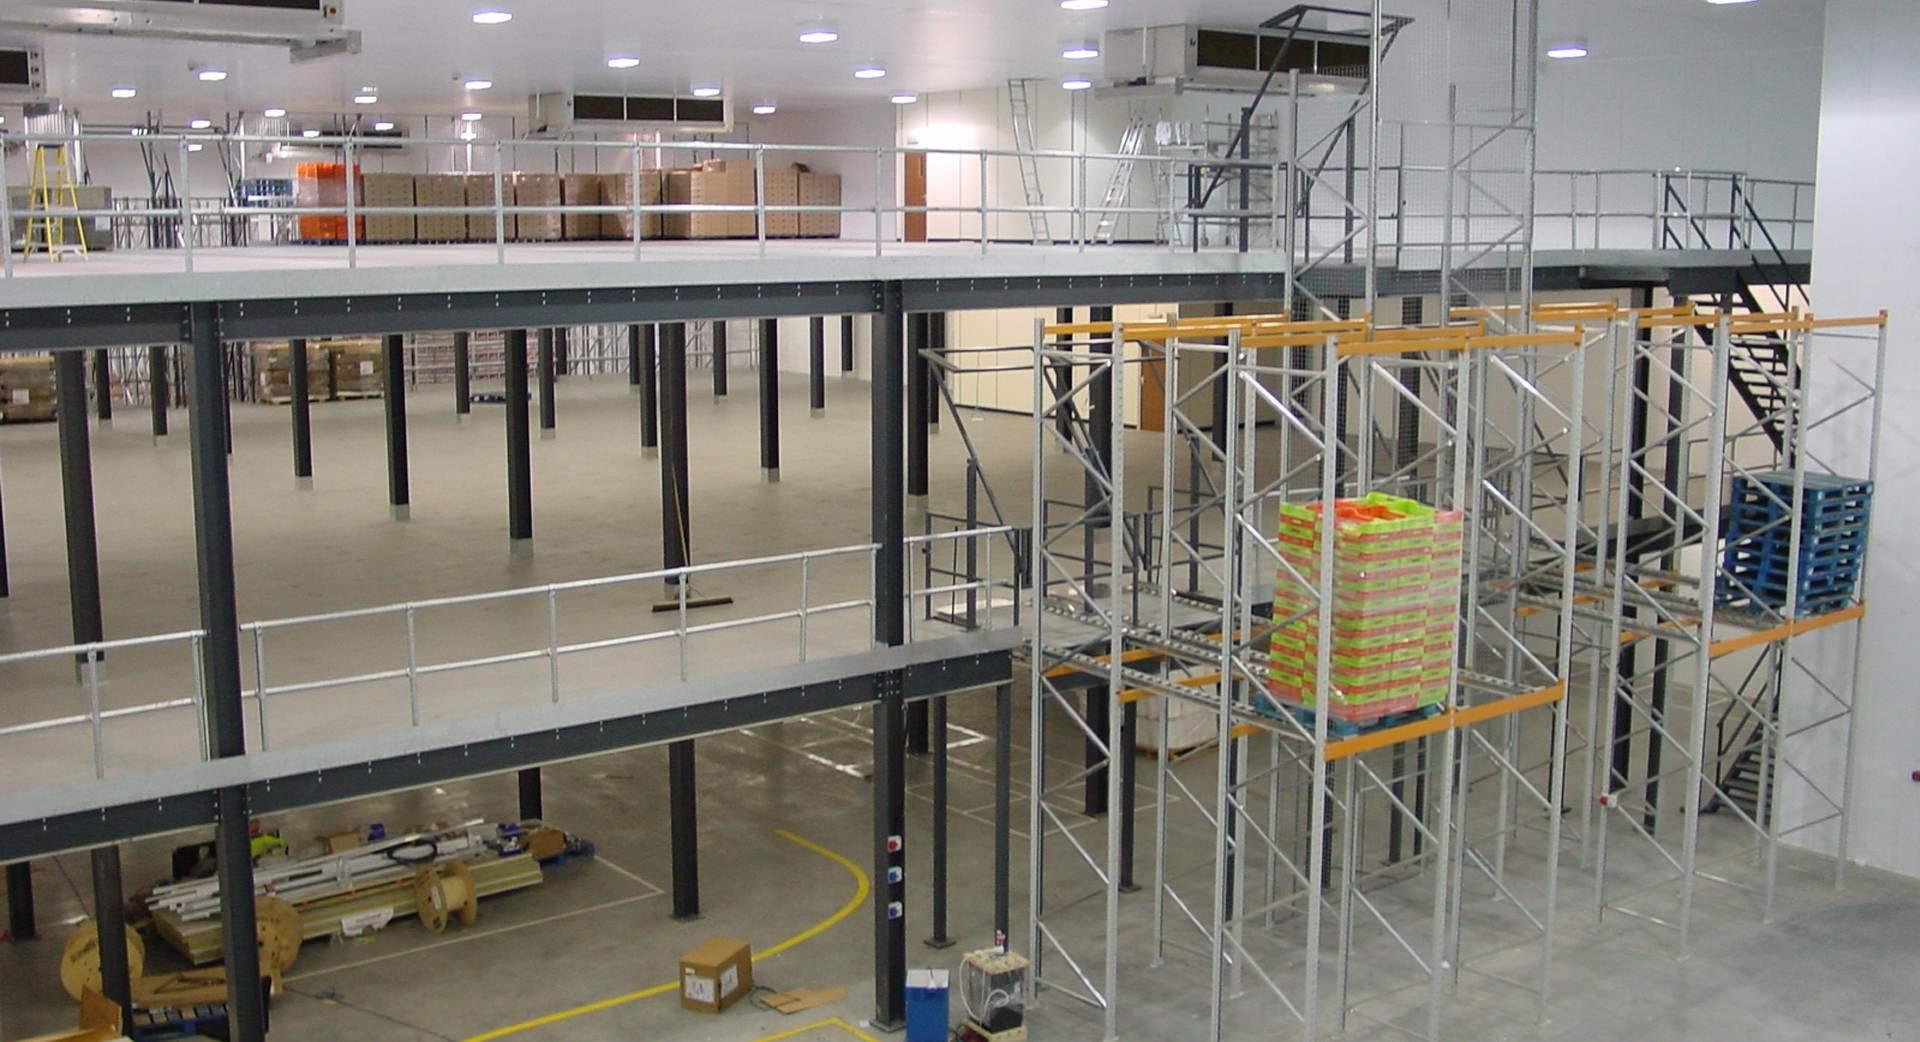 Mezzanine Building Regulations